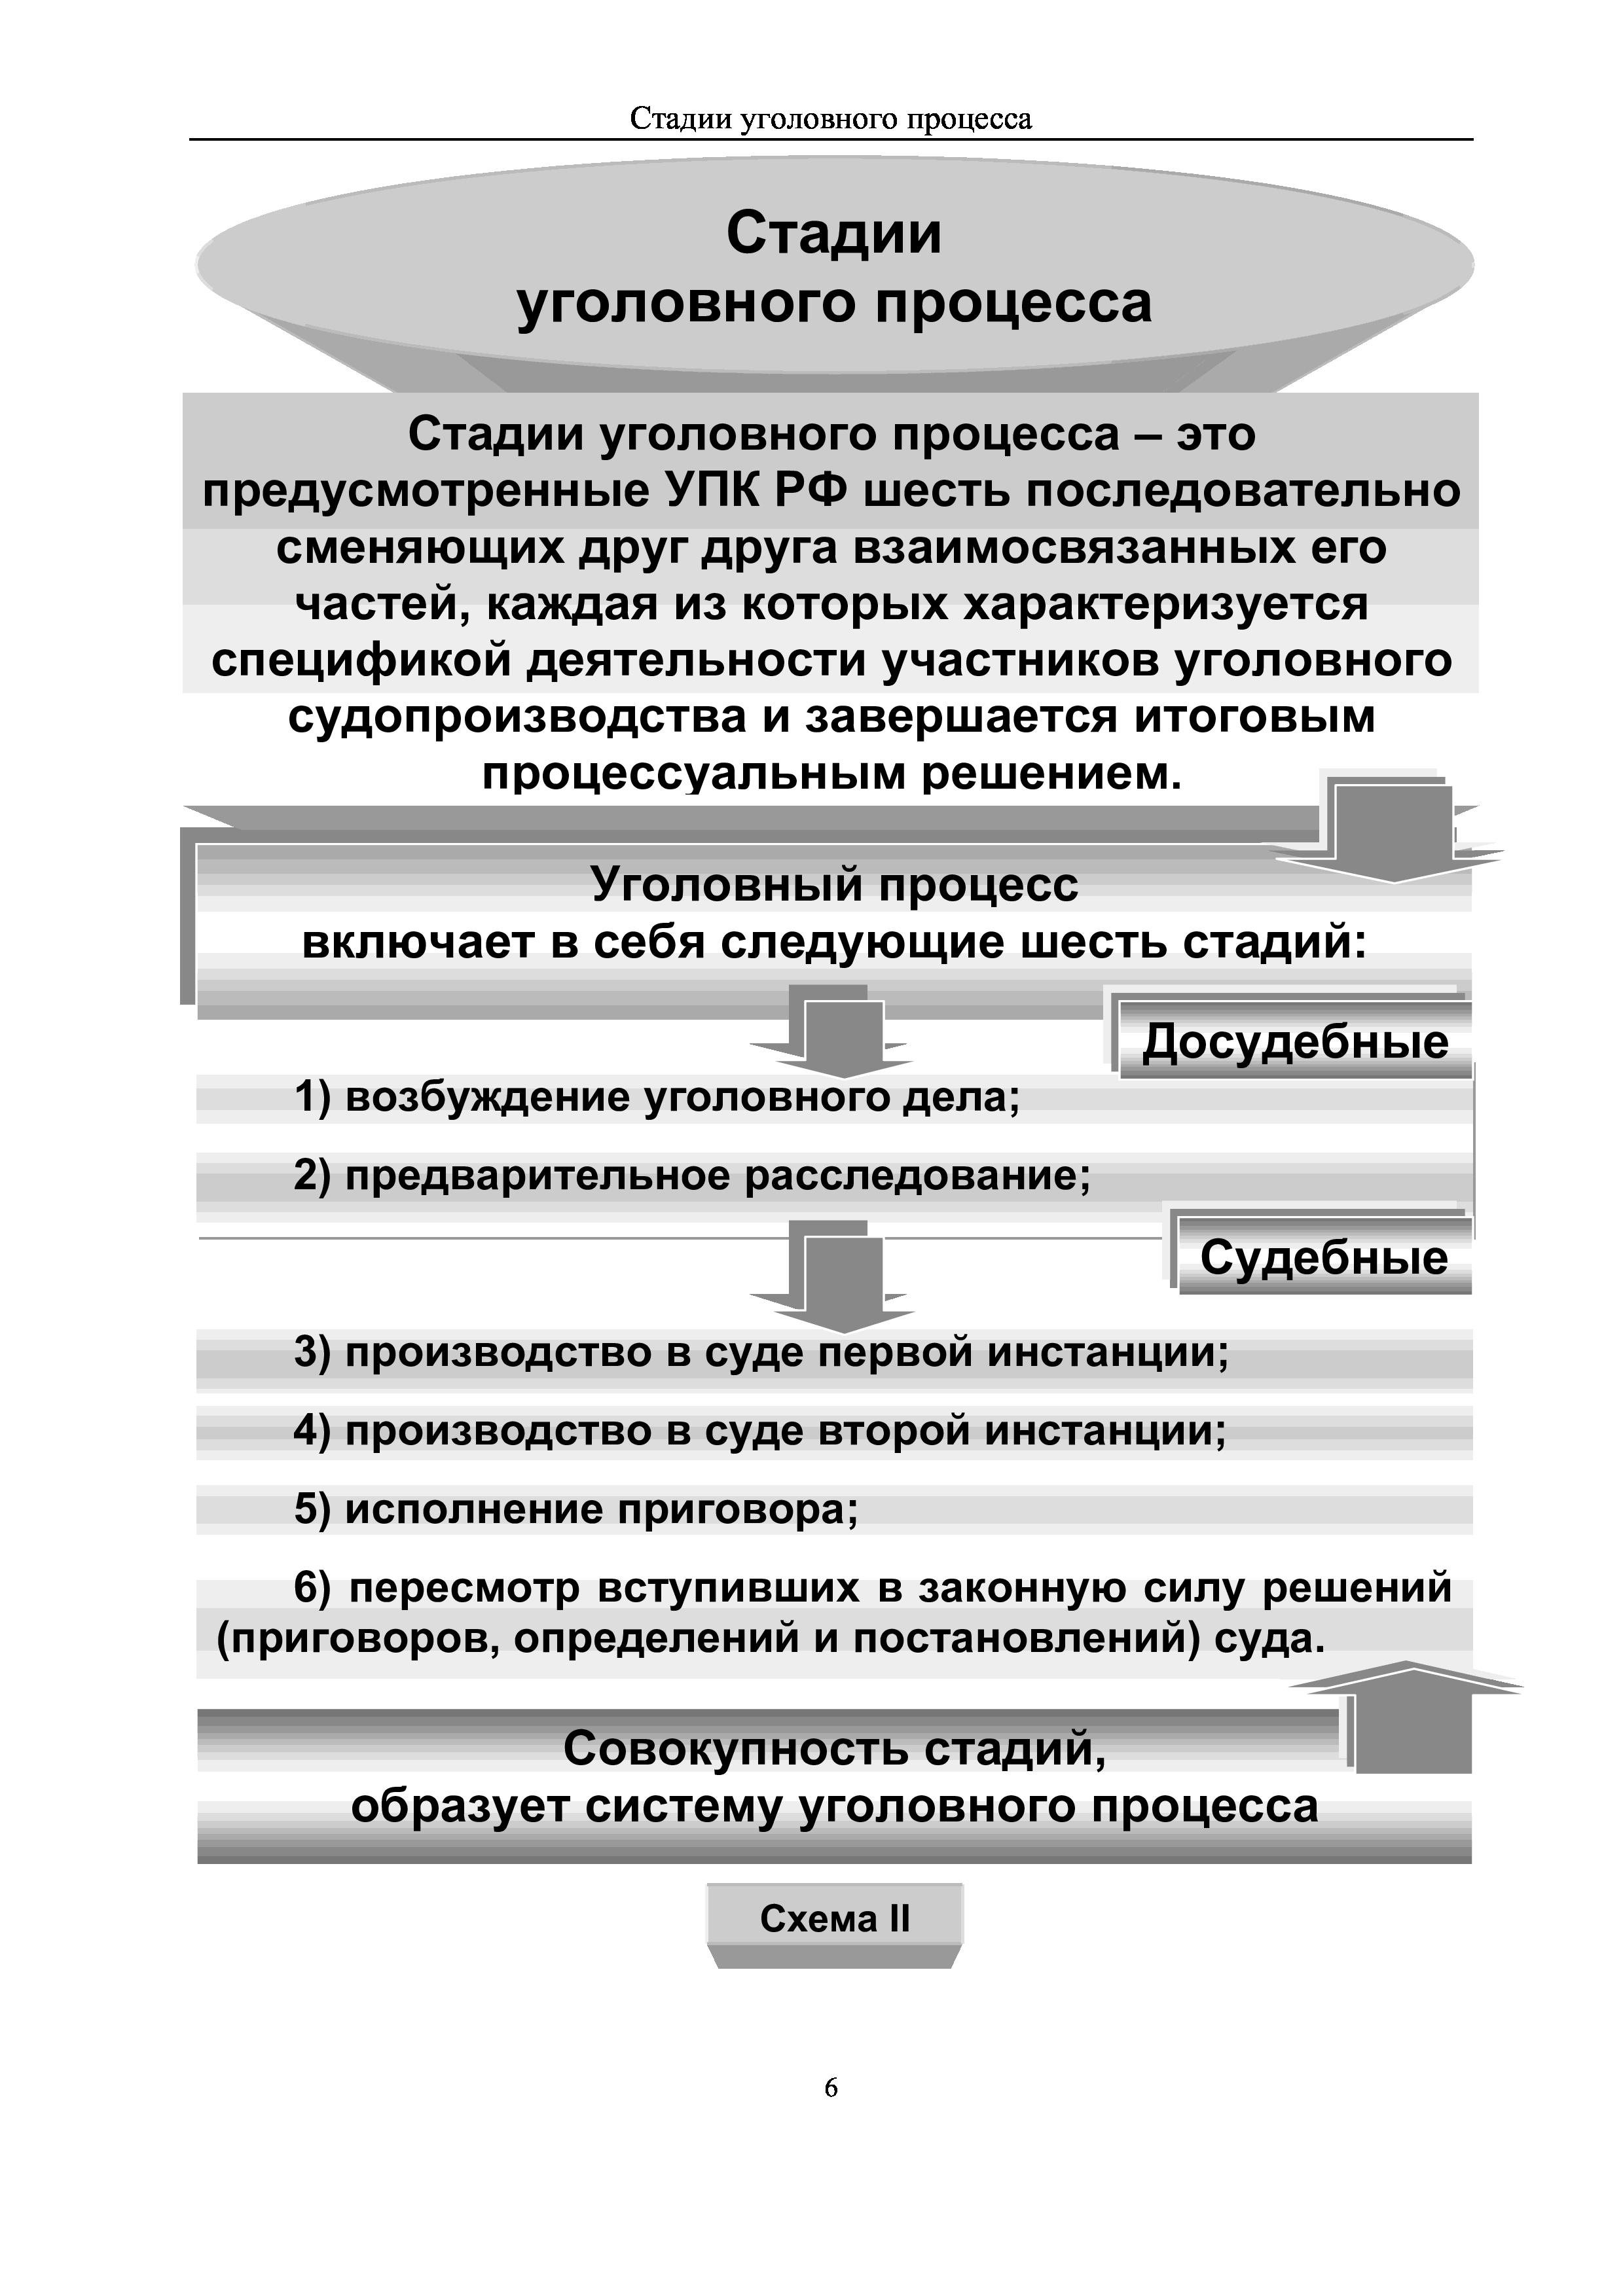 постановления и определения в уголовном судопроизводстве